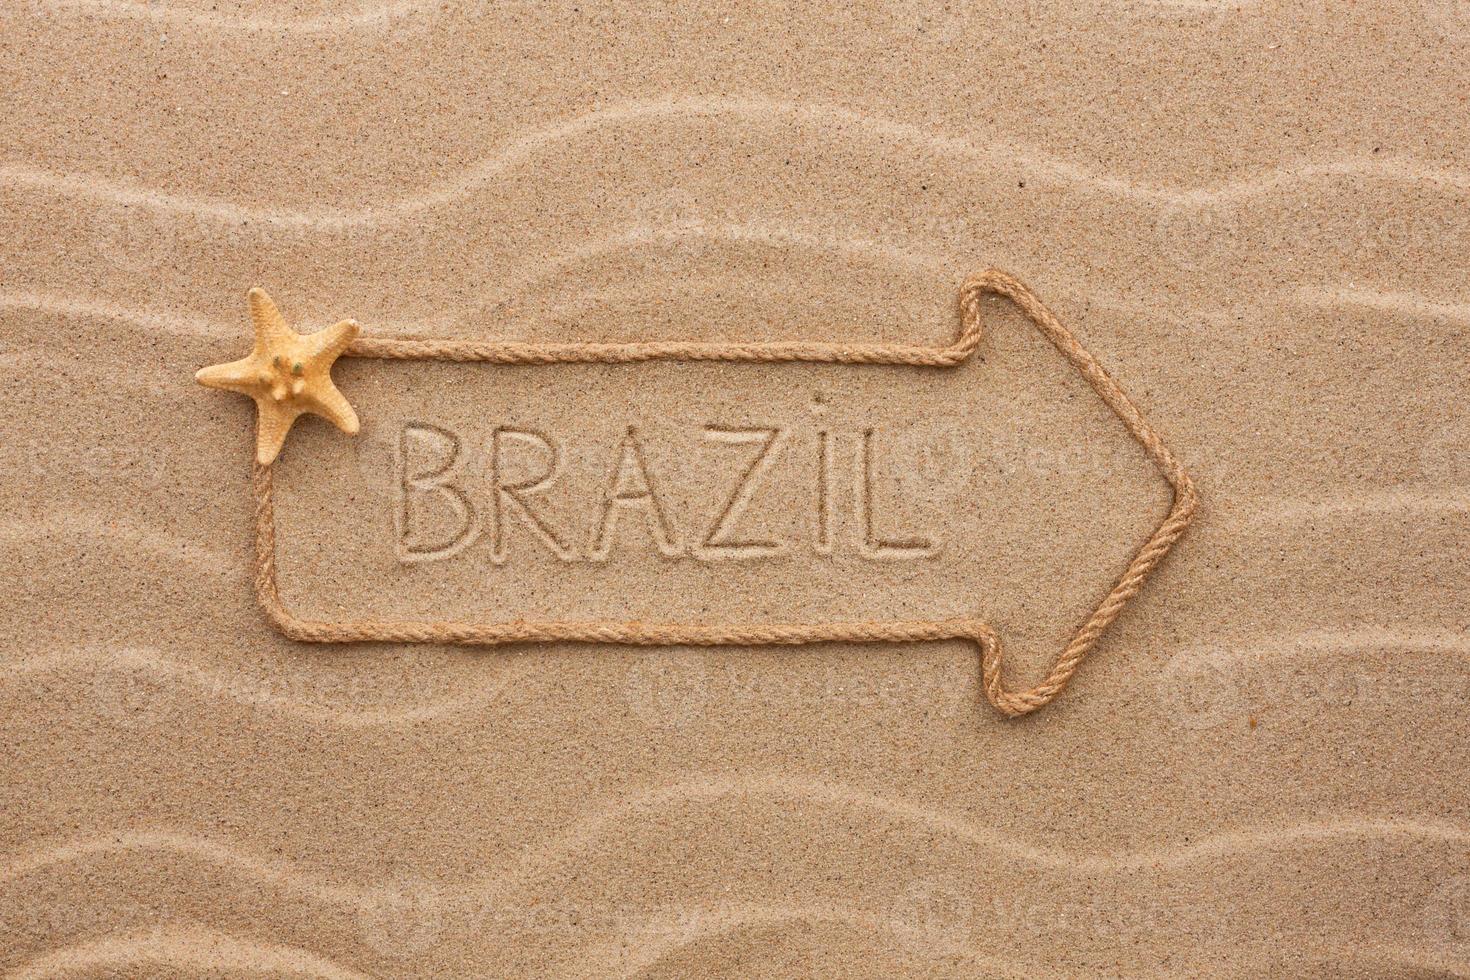 pilrep med ordet Brasilien på sanden foto